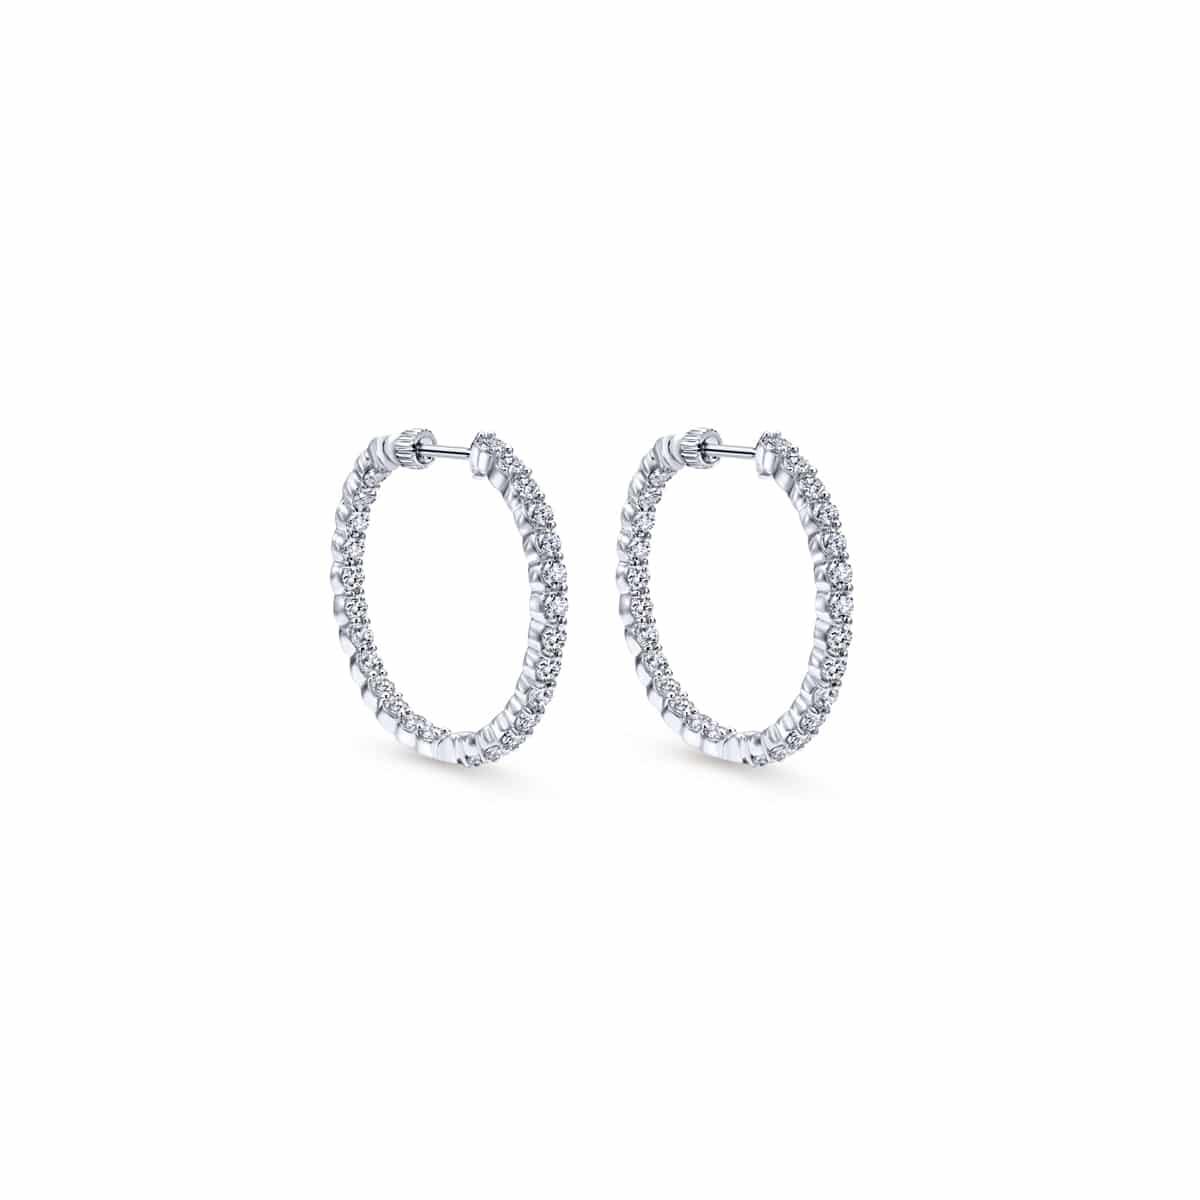 14k White Gold 30MM Classic Hoop Diamond Earrings